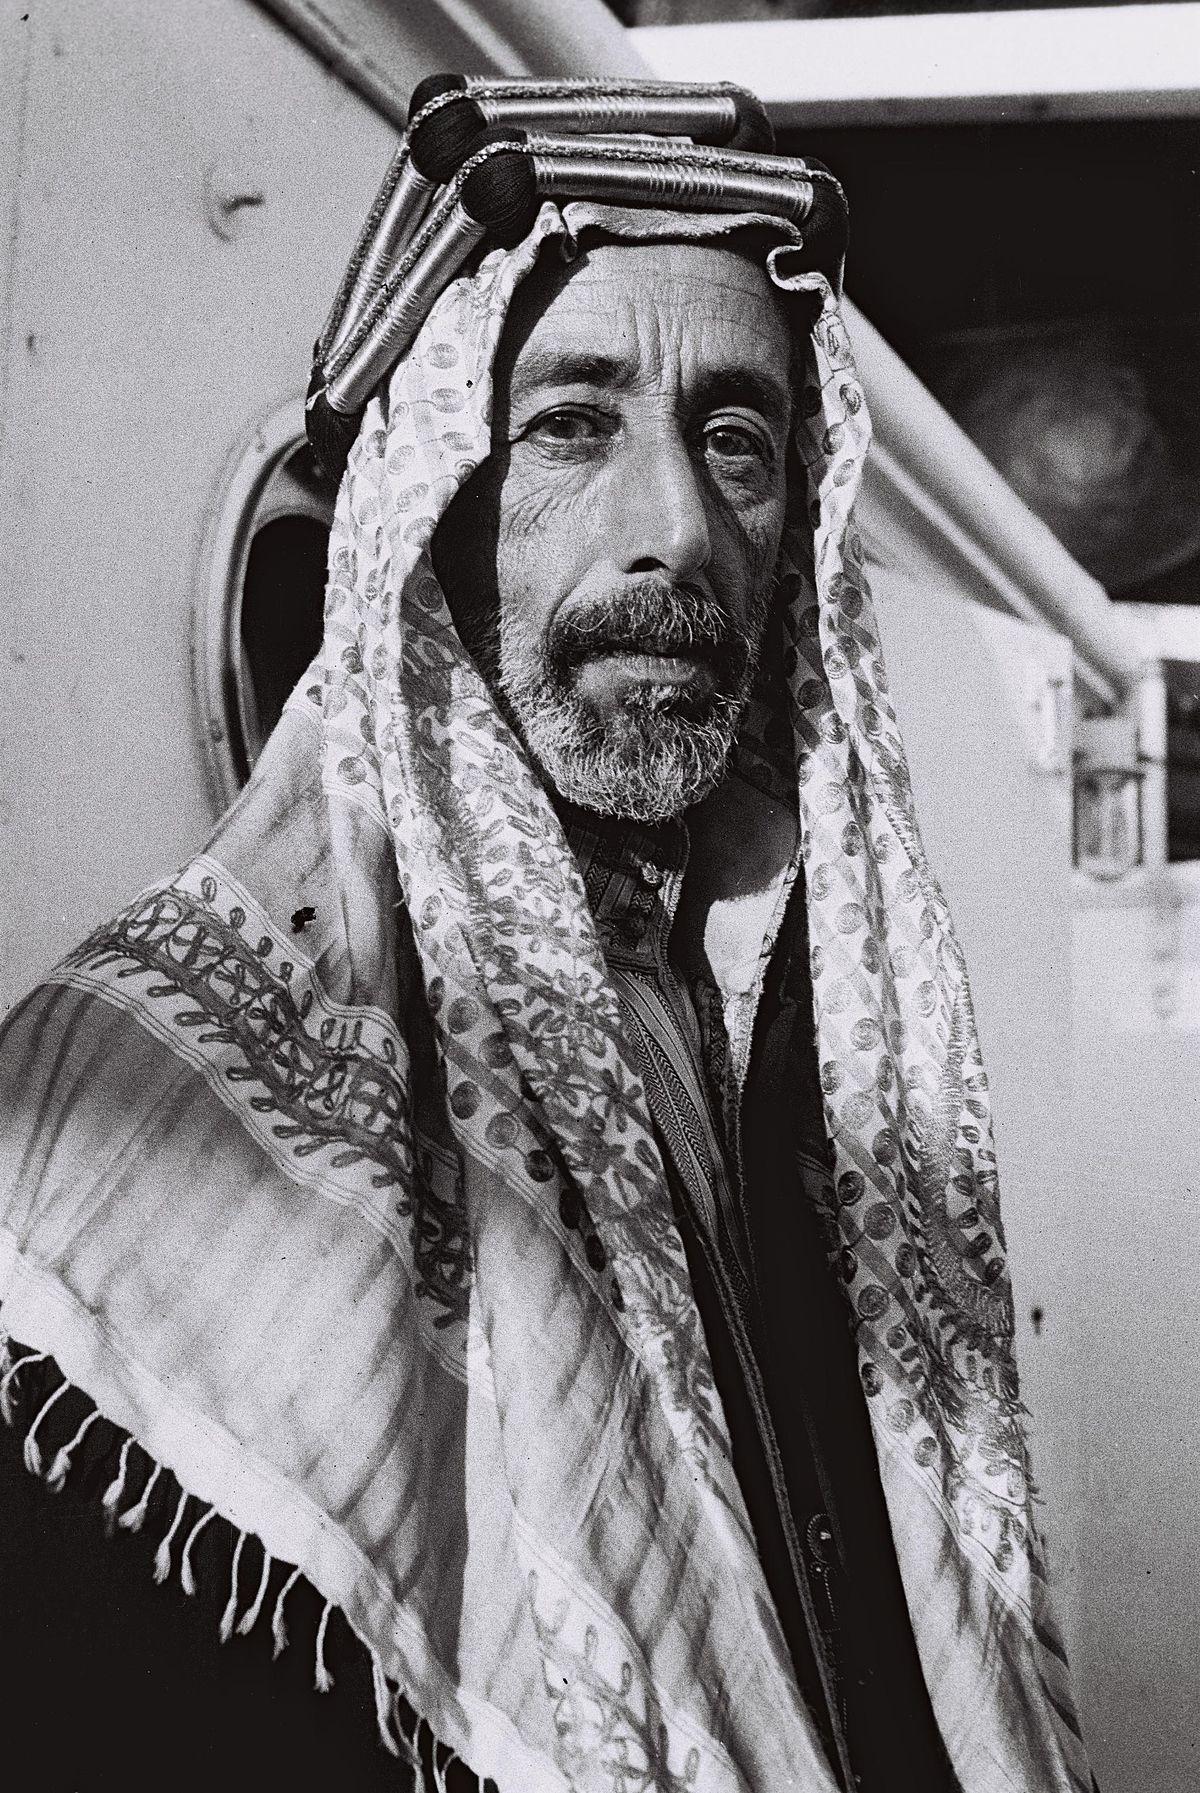 https://upload.wikimedia.org/wikipedia/commons/thumb/6/6b/Ali_of_Hejaz.jpg/1200px-Ali_of_Hejaz.jpg